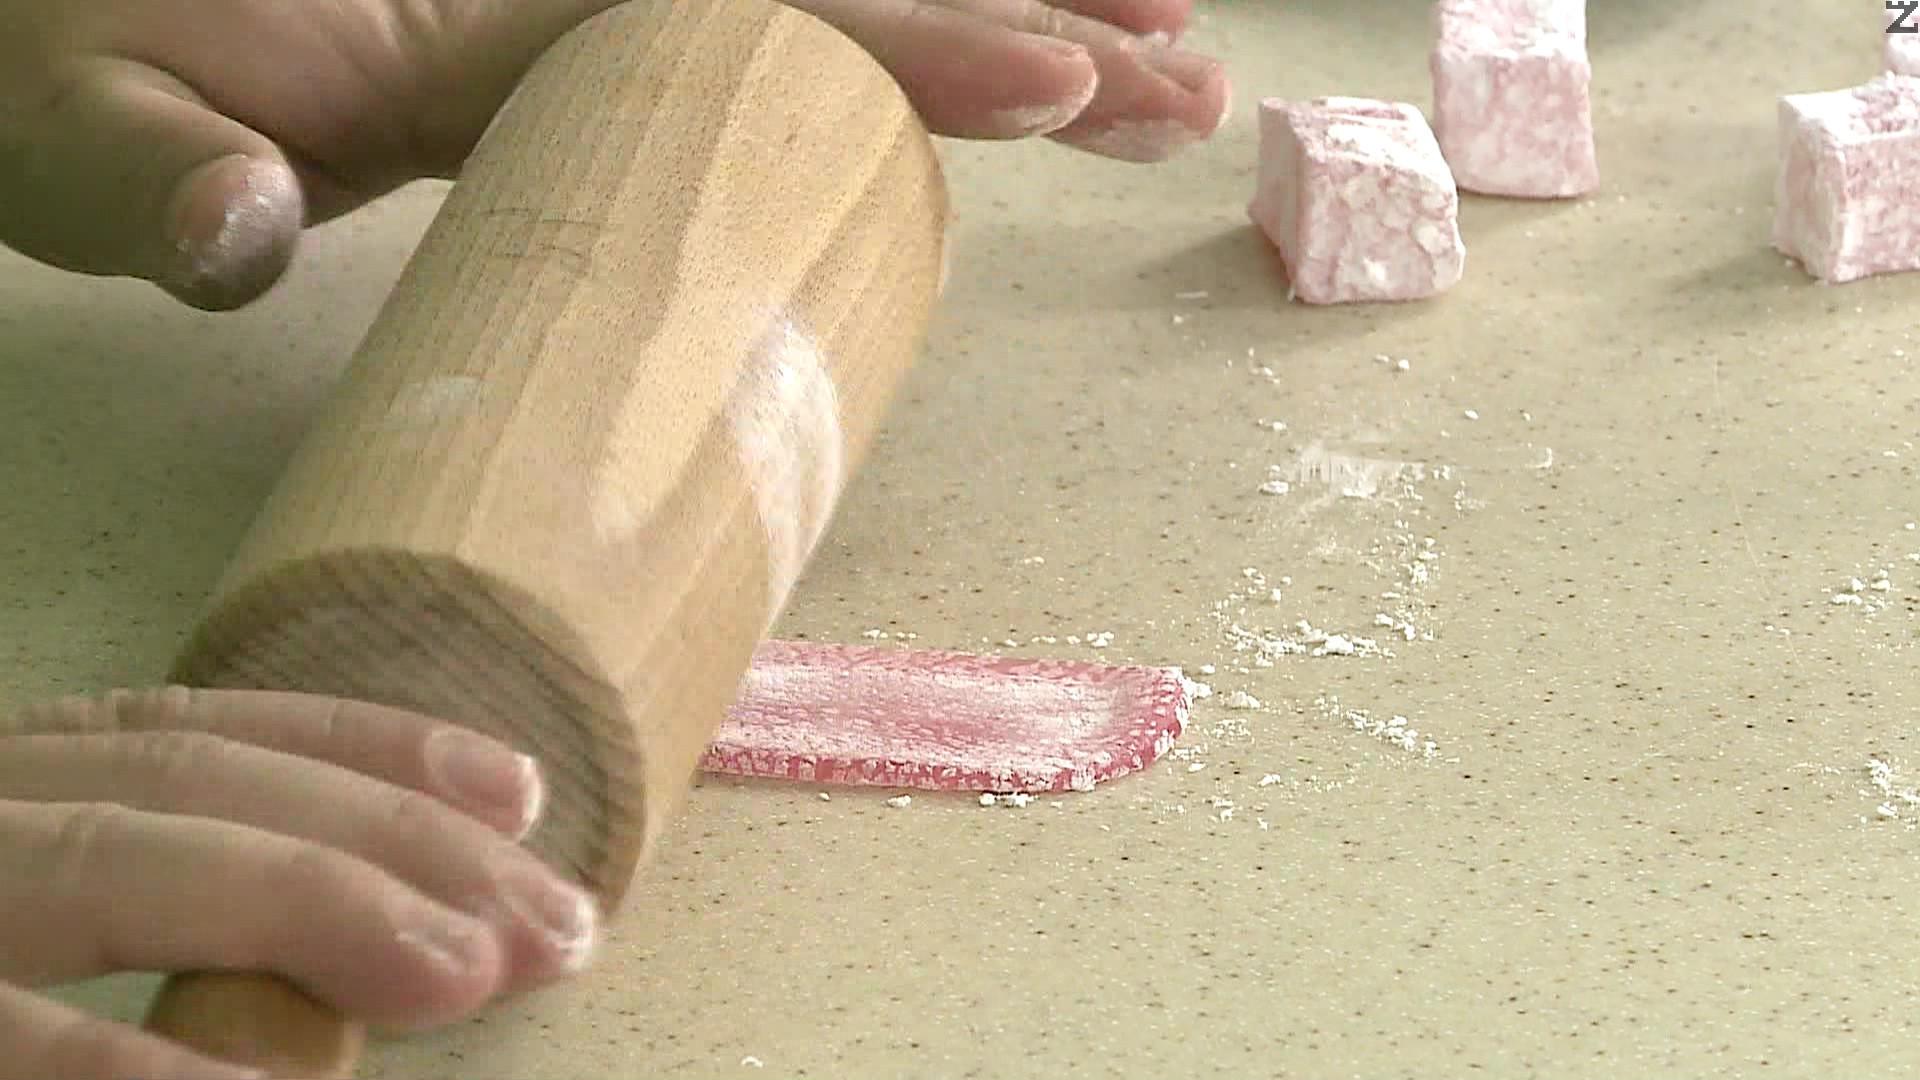 Всеки локум се изтънява и разточва тънко, като се поръсва с пудра захар за да не залепне за валяка за точене.